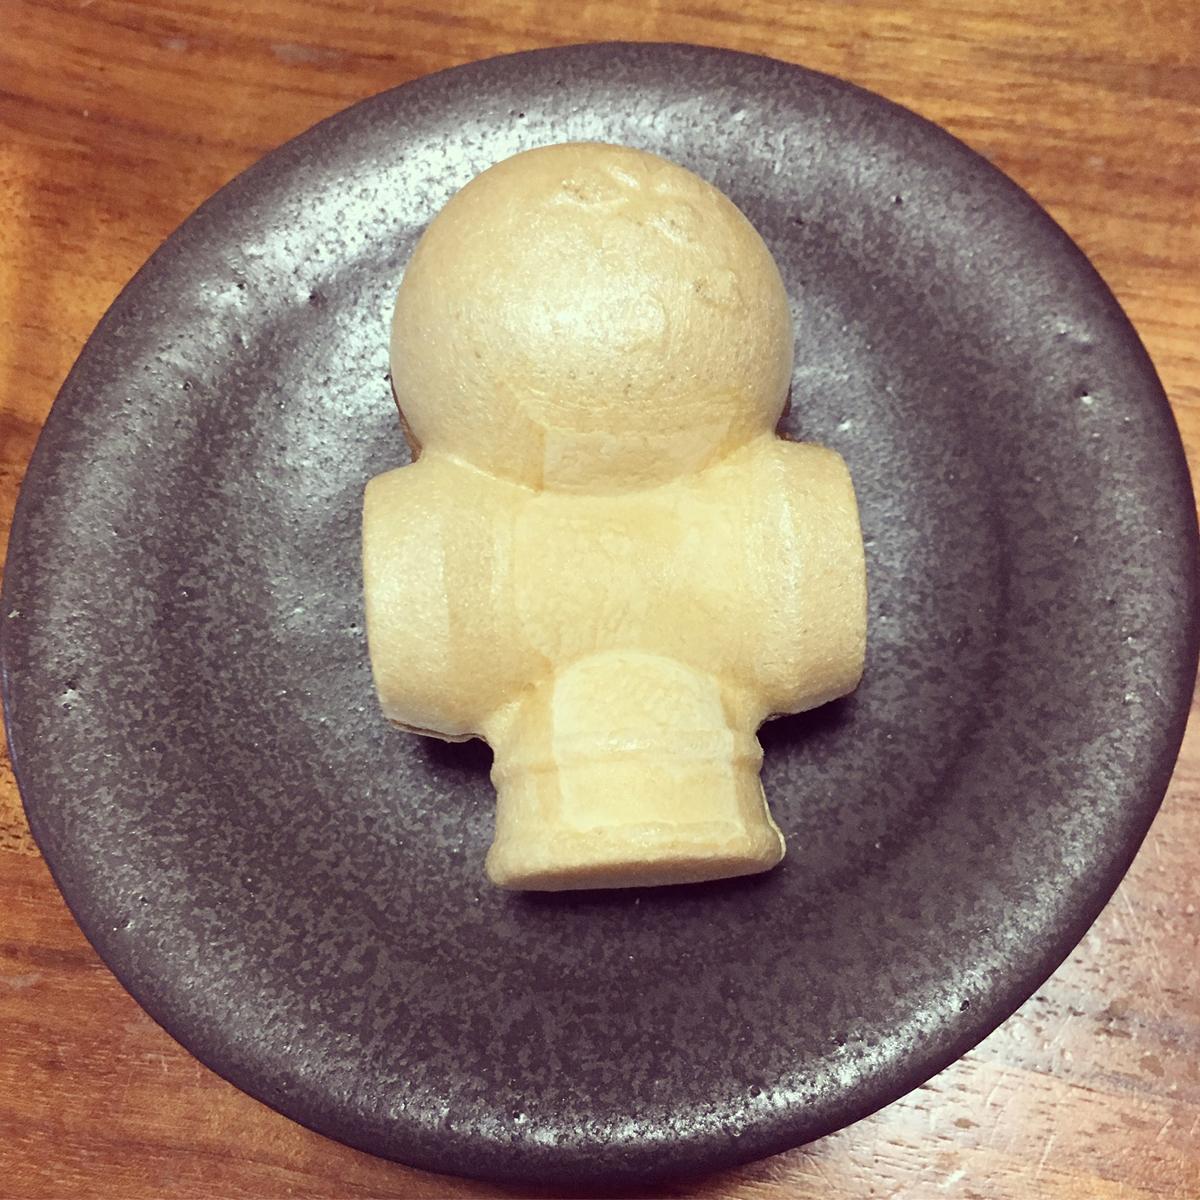 けん玉もなか。小倉・柚子・抹茶味がある。(2018年)